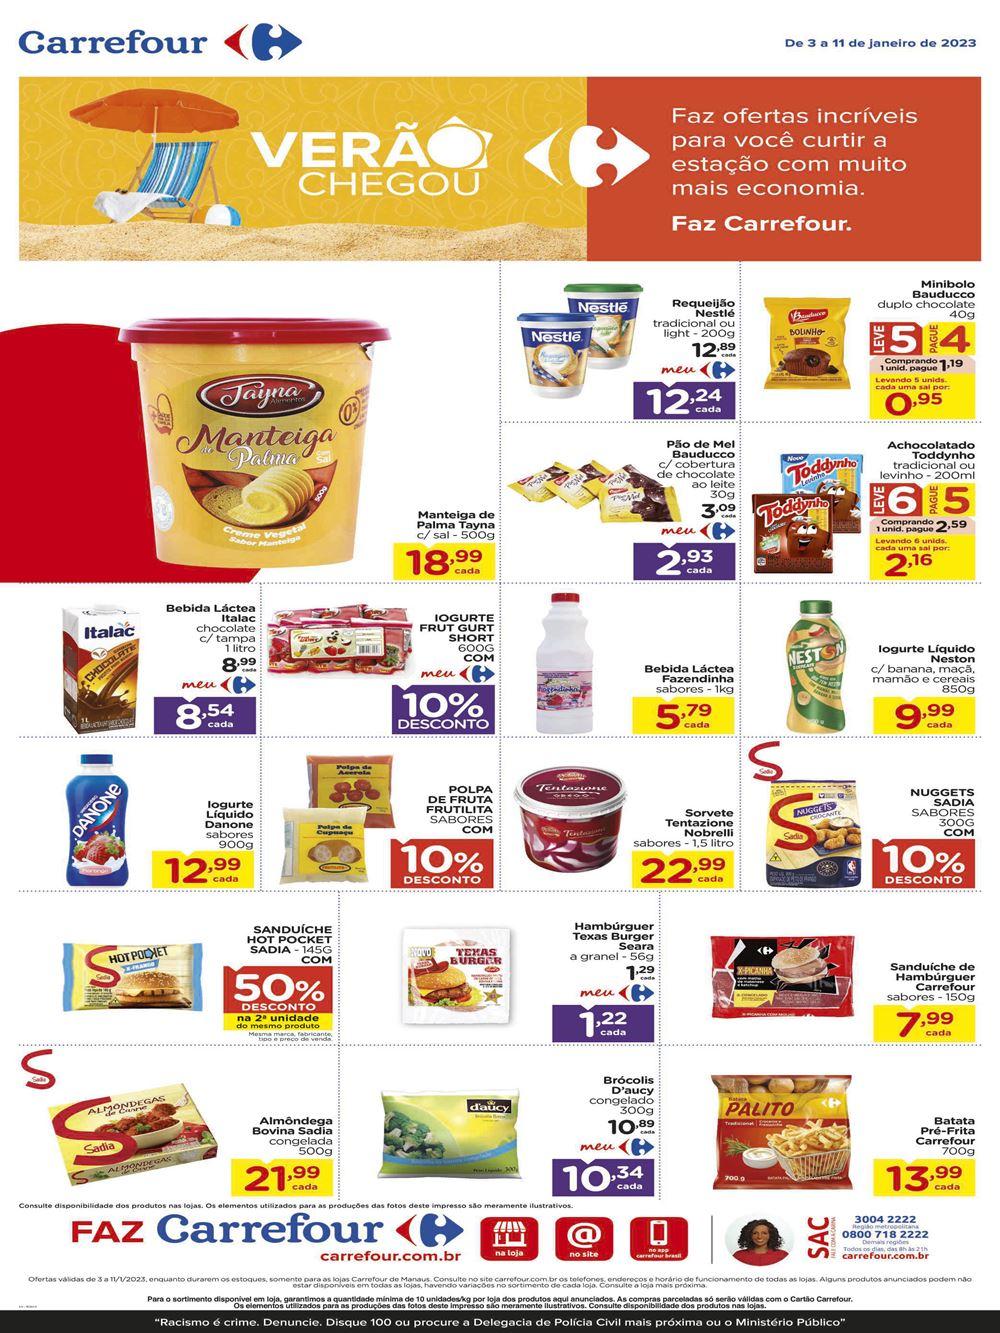 carrefour-ofertas-descontos-hoje34-14 Carrefour Tabloide Recife até 29/07